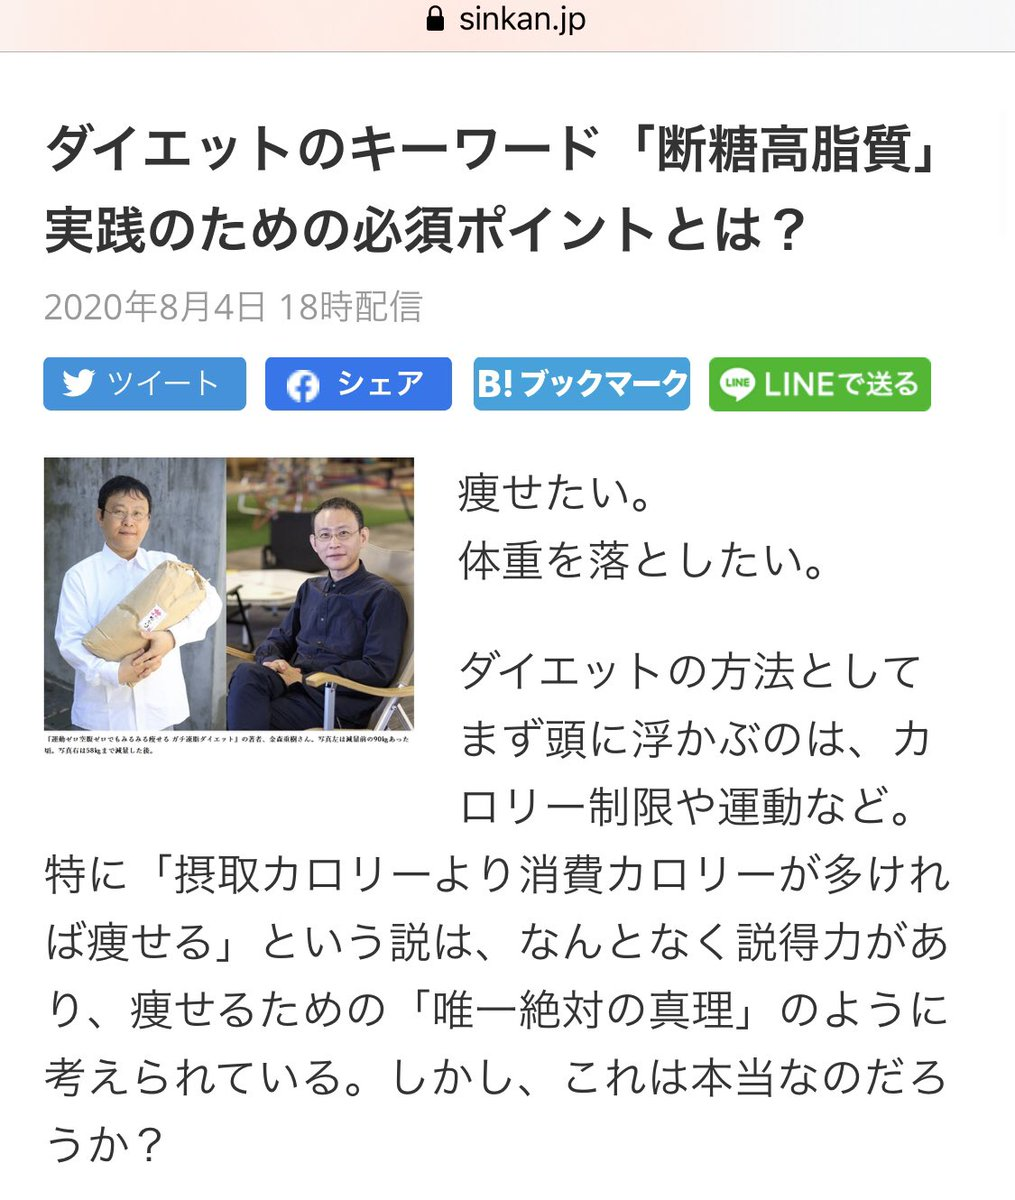 【メディア掲載】「新刊JP」にて金森さんのインタビュー、後編が更新されました💡「理屈さえわかれば365日外食でも痩せます」「テレビの健康番組なんて見ないで●●を!」#金森式 の真髄とは?▶ダイエットのキーワード「断糖高脂質」実践のための必須ポイントとは?